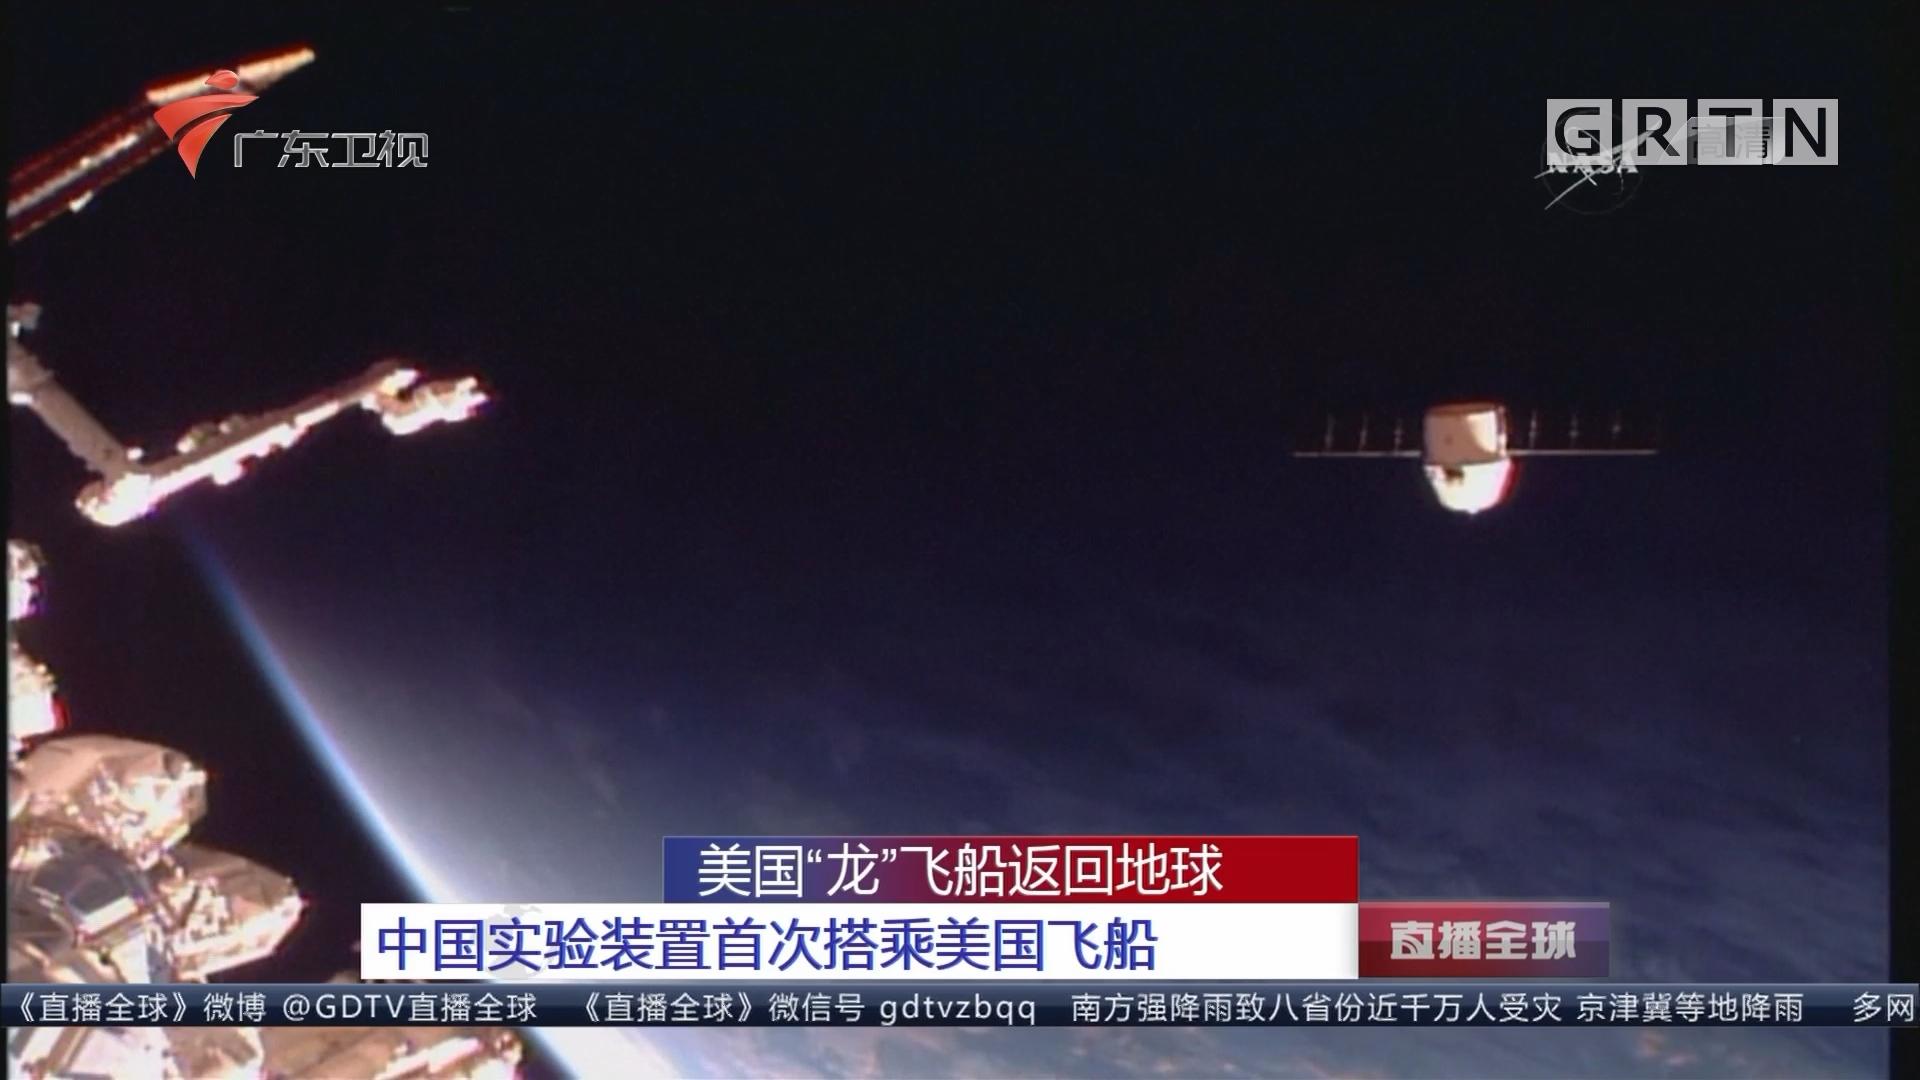 """美国""""龙""""飞船返回地球 中国实验装置首次搭乘美国飞船"""